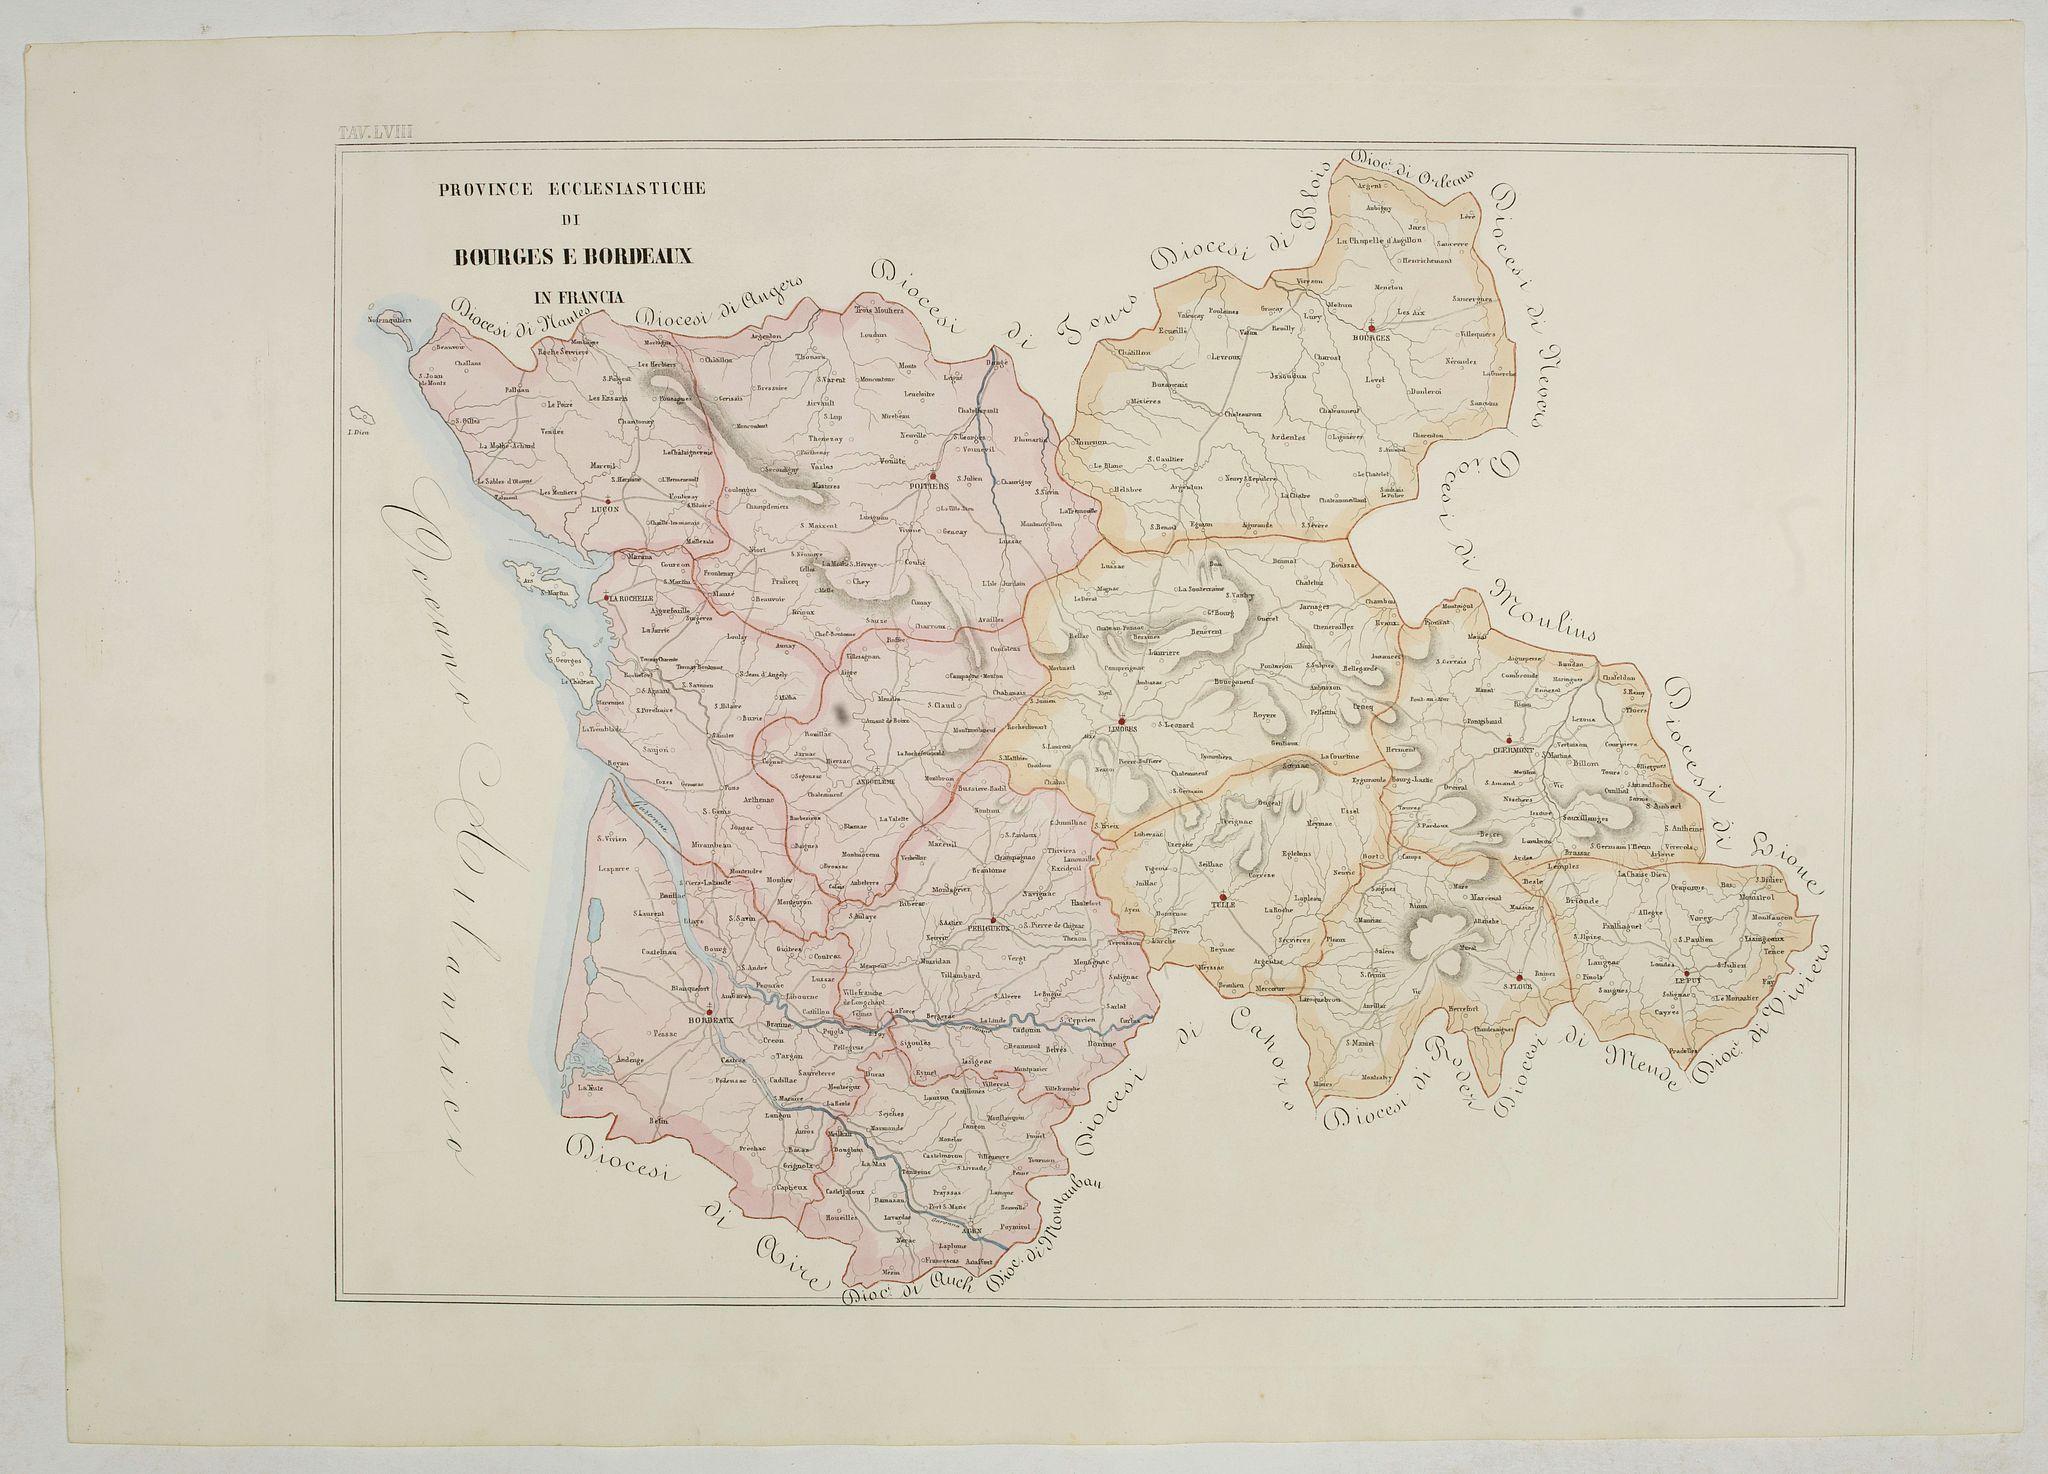 PETRI  Girolamo -  Province ecclesiastiche di Bourges e Bordeaux in Francia (Tav LVIII)